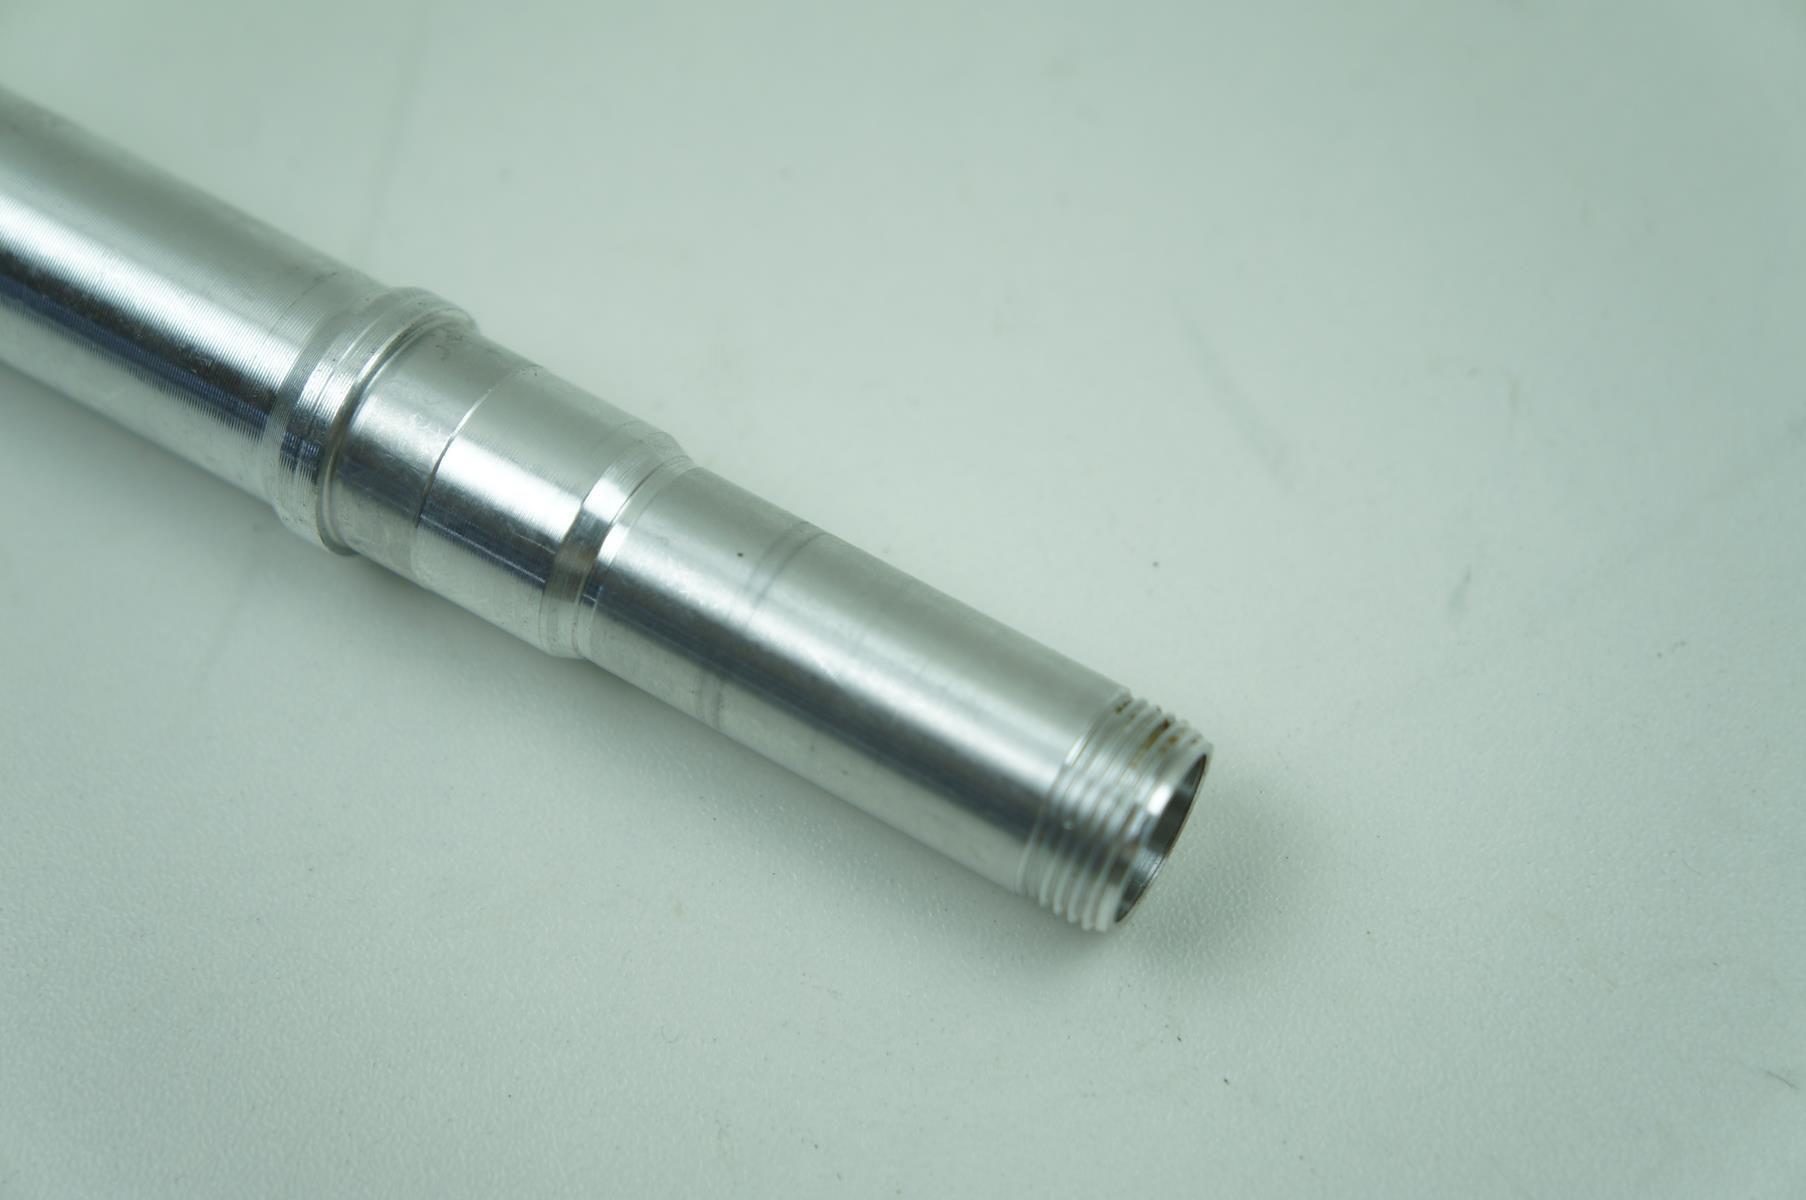 Eixo Traseiro Crank Brothers 142 12mm Para Rodas Nivel 2 3 e 11